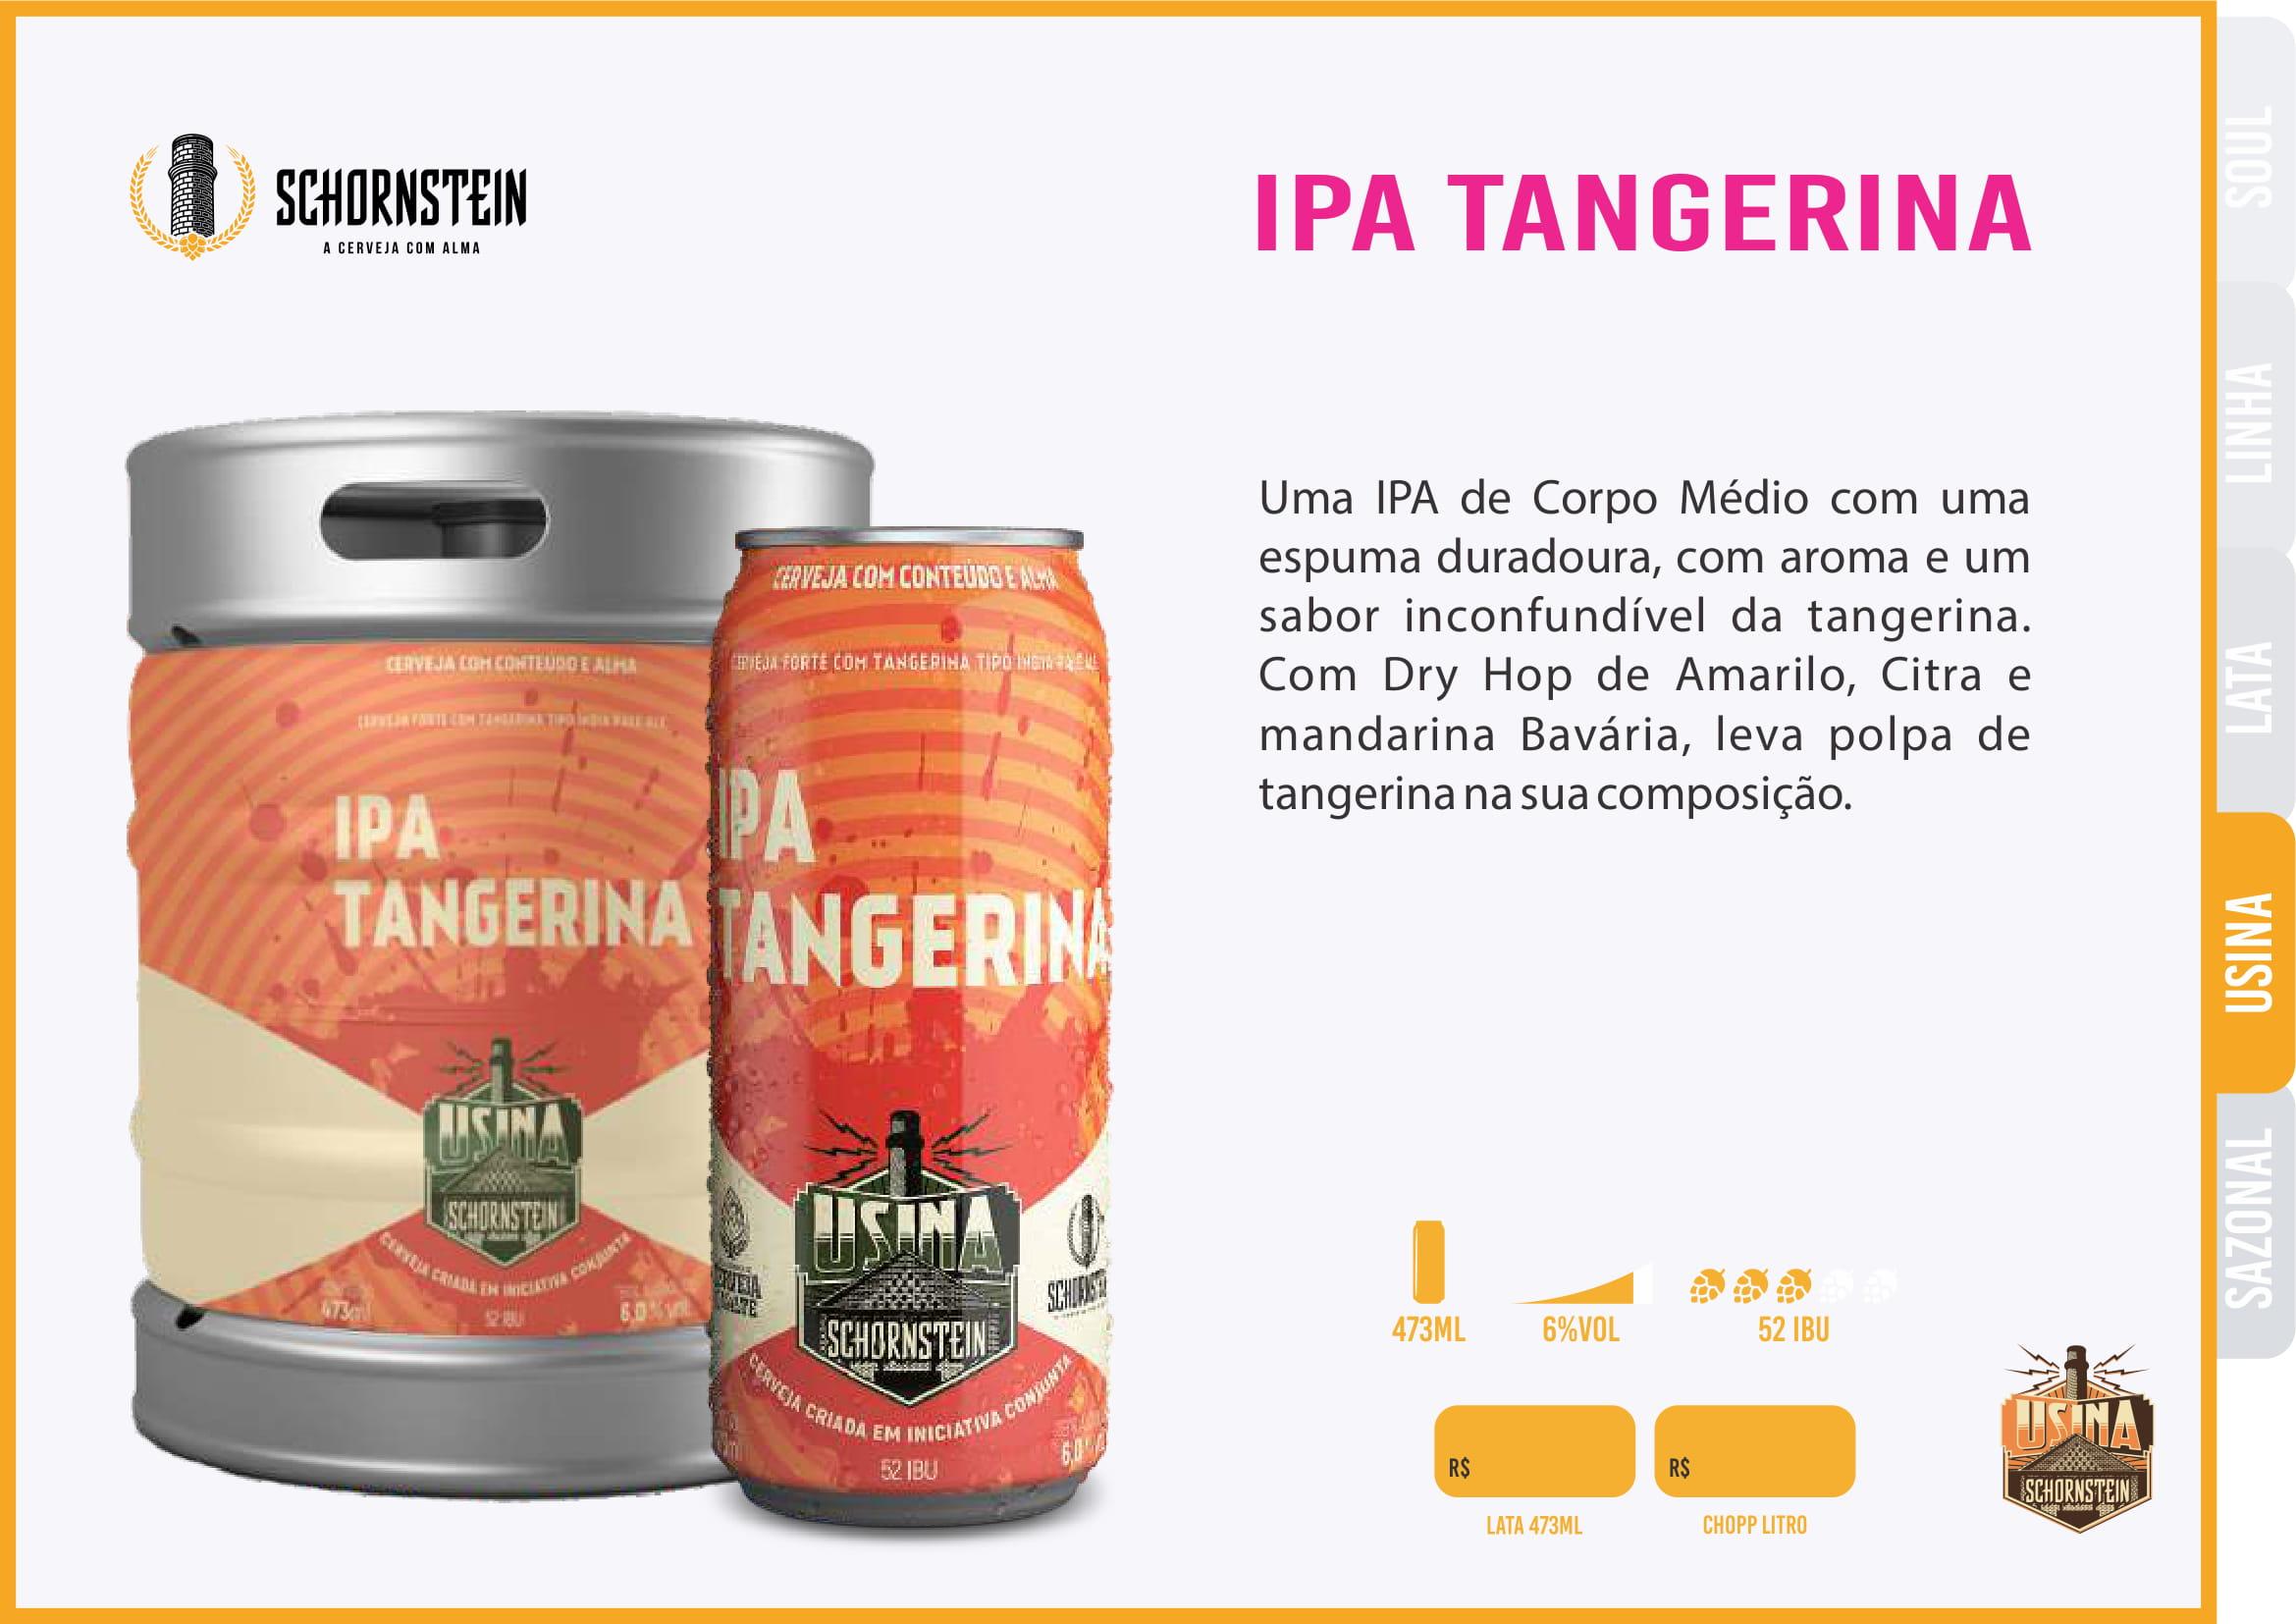 Schornstein IPA Tangerina